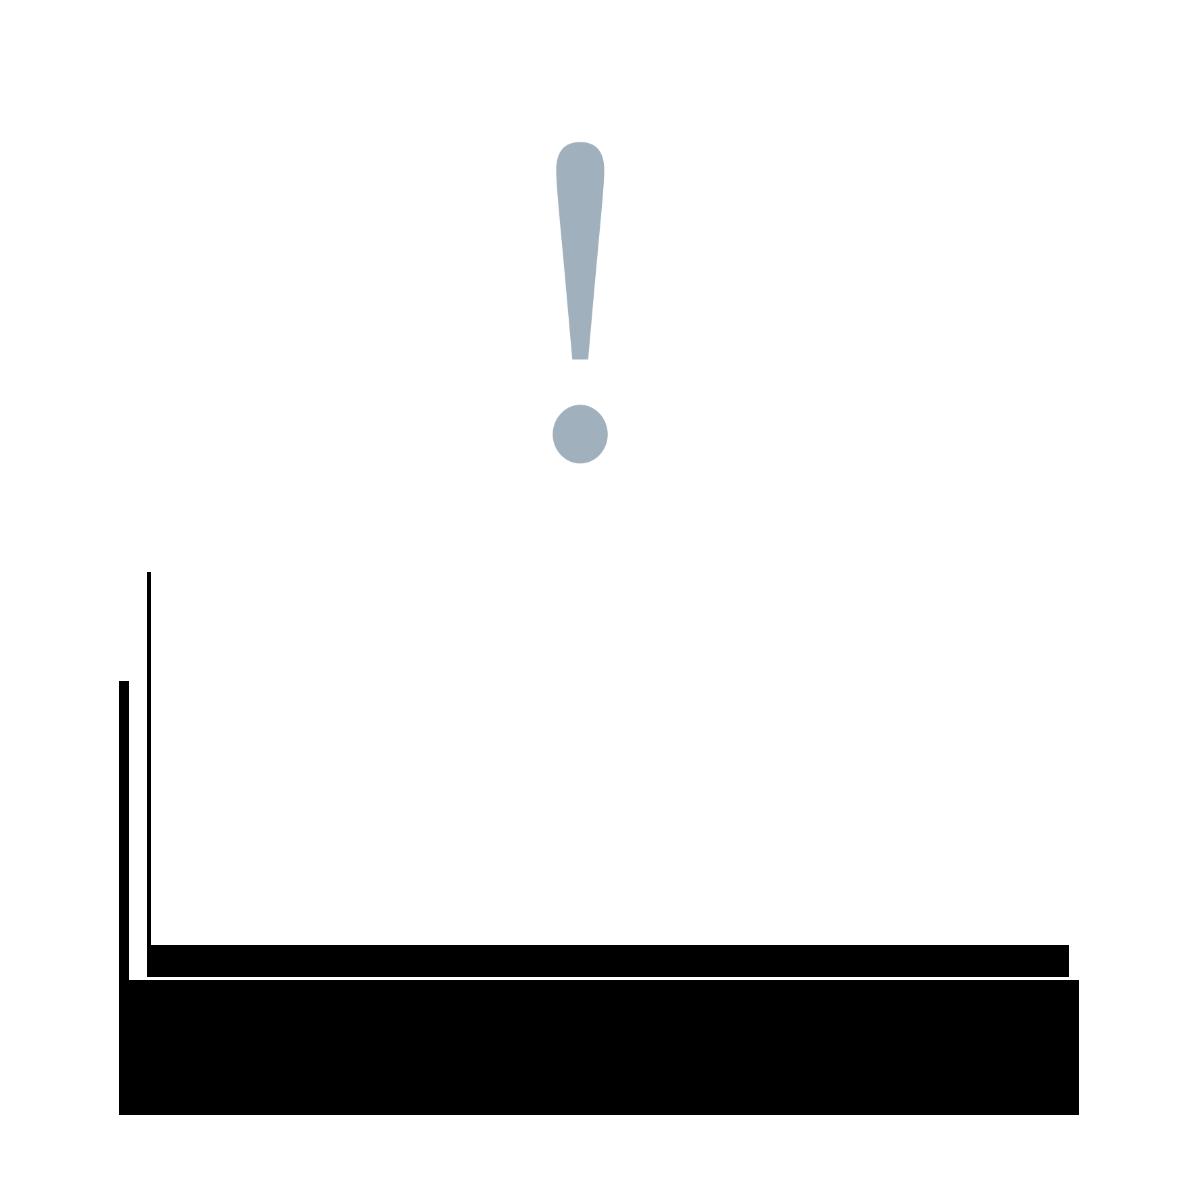 file a complaint logo